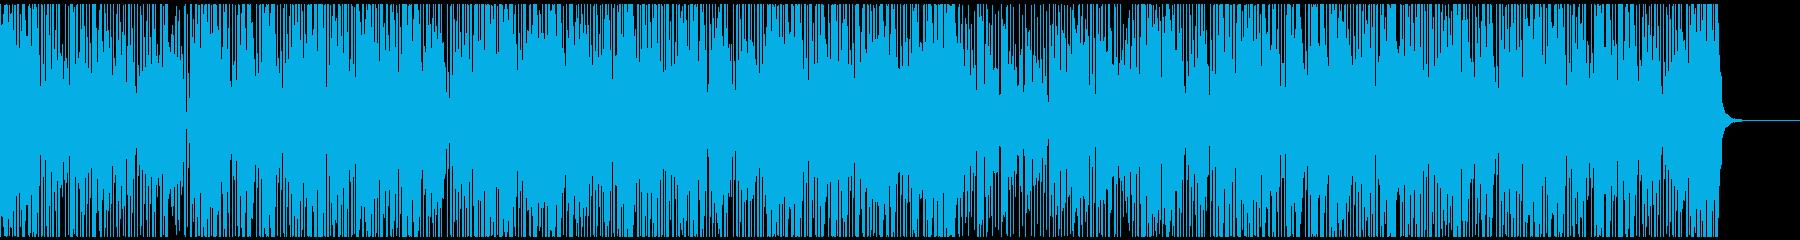 パーカッシブなFunkビートBGMの再生済みの波形